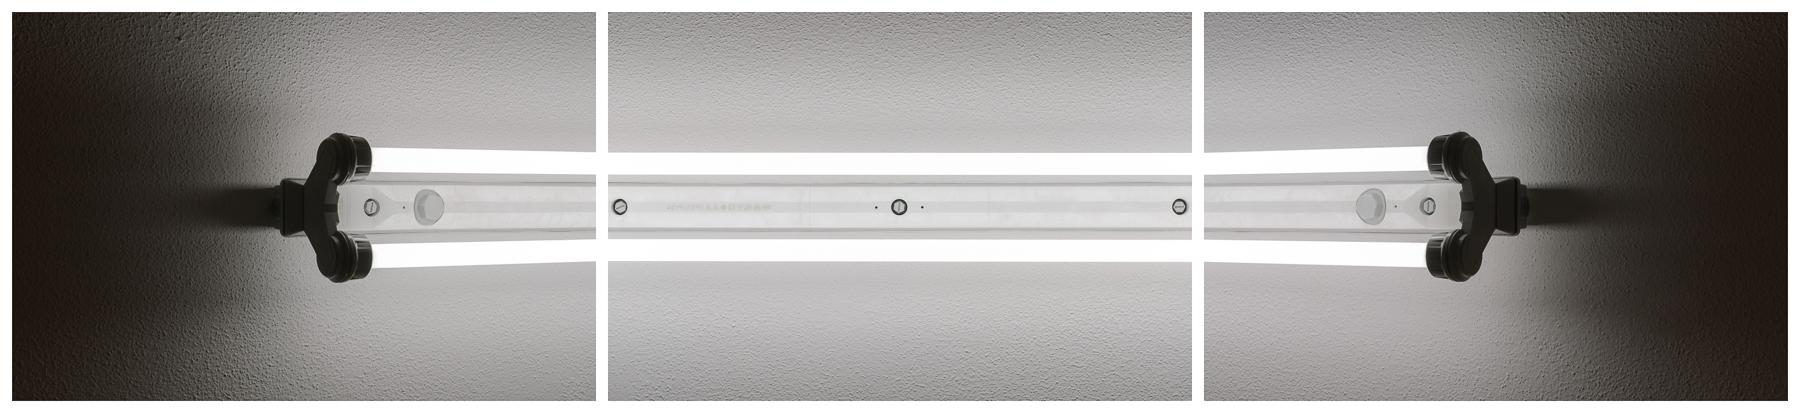 Leuchtstoffröhren, 2016 Inkjet-Pigmentdruck 3-teilig zu je 72 × 48 cm